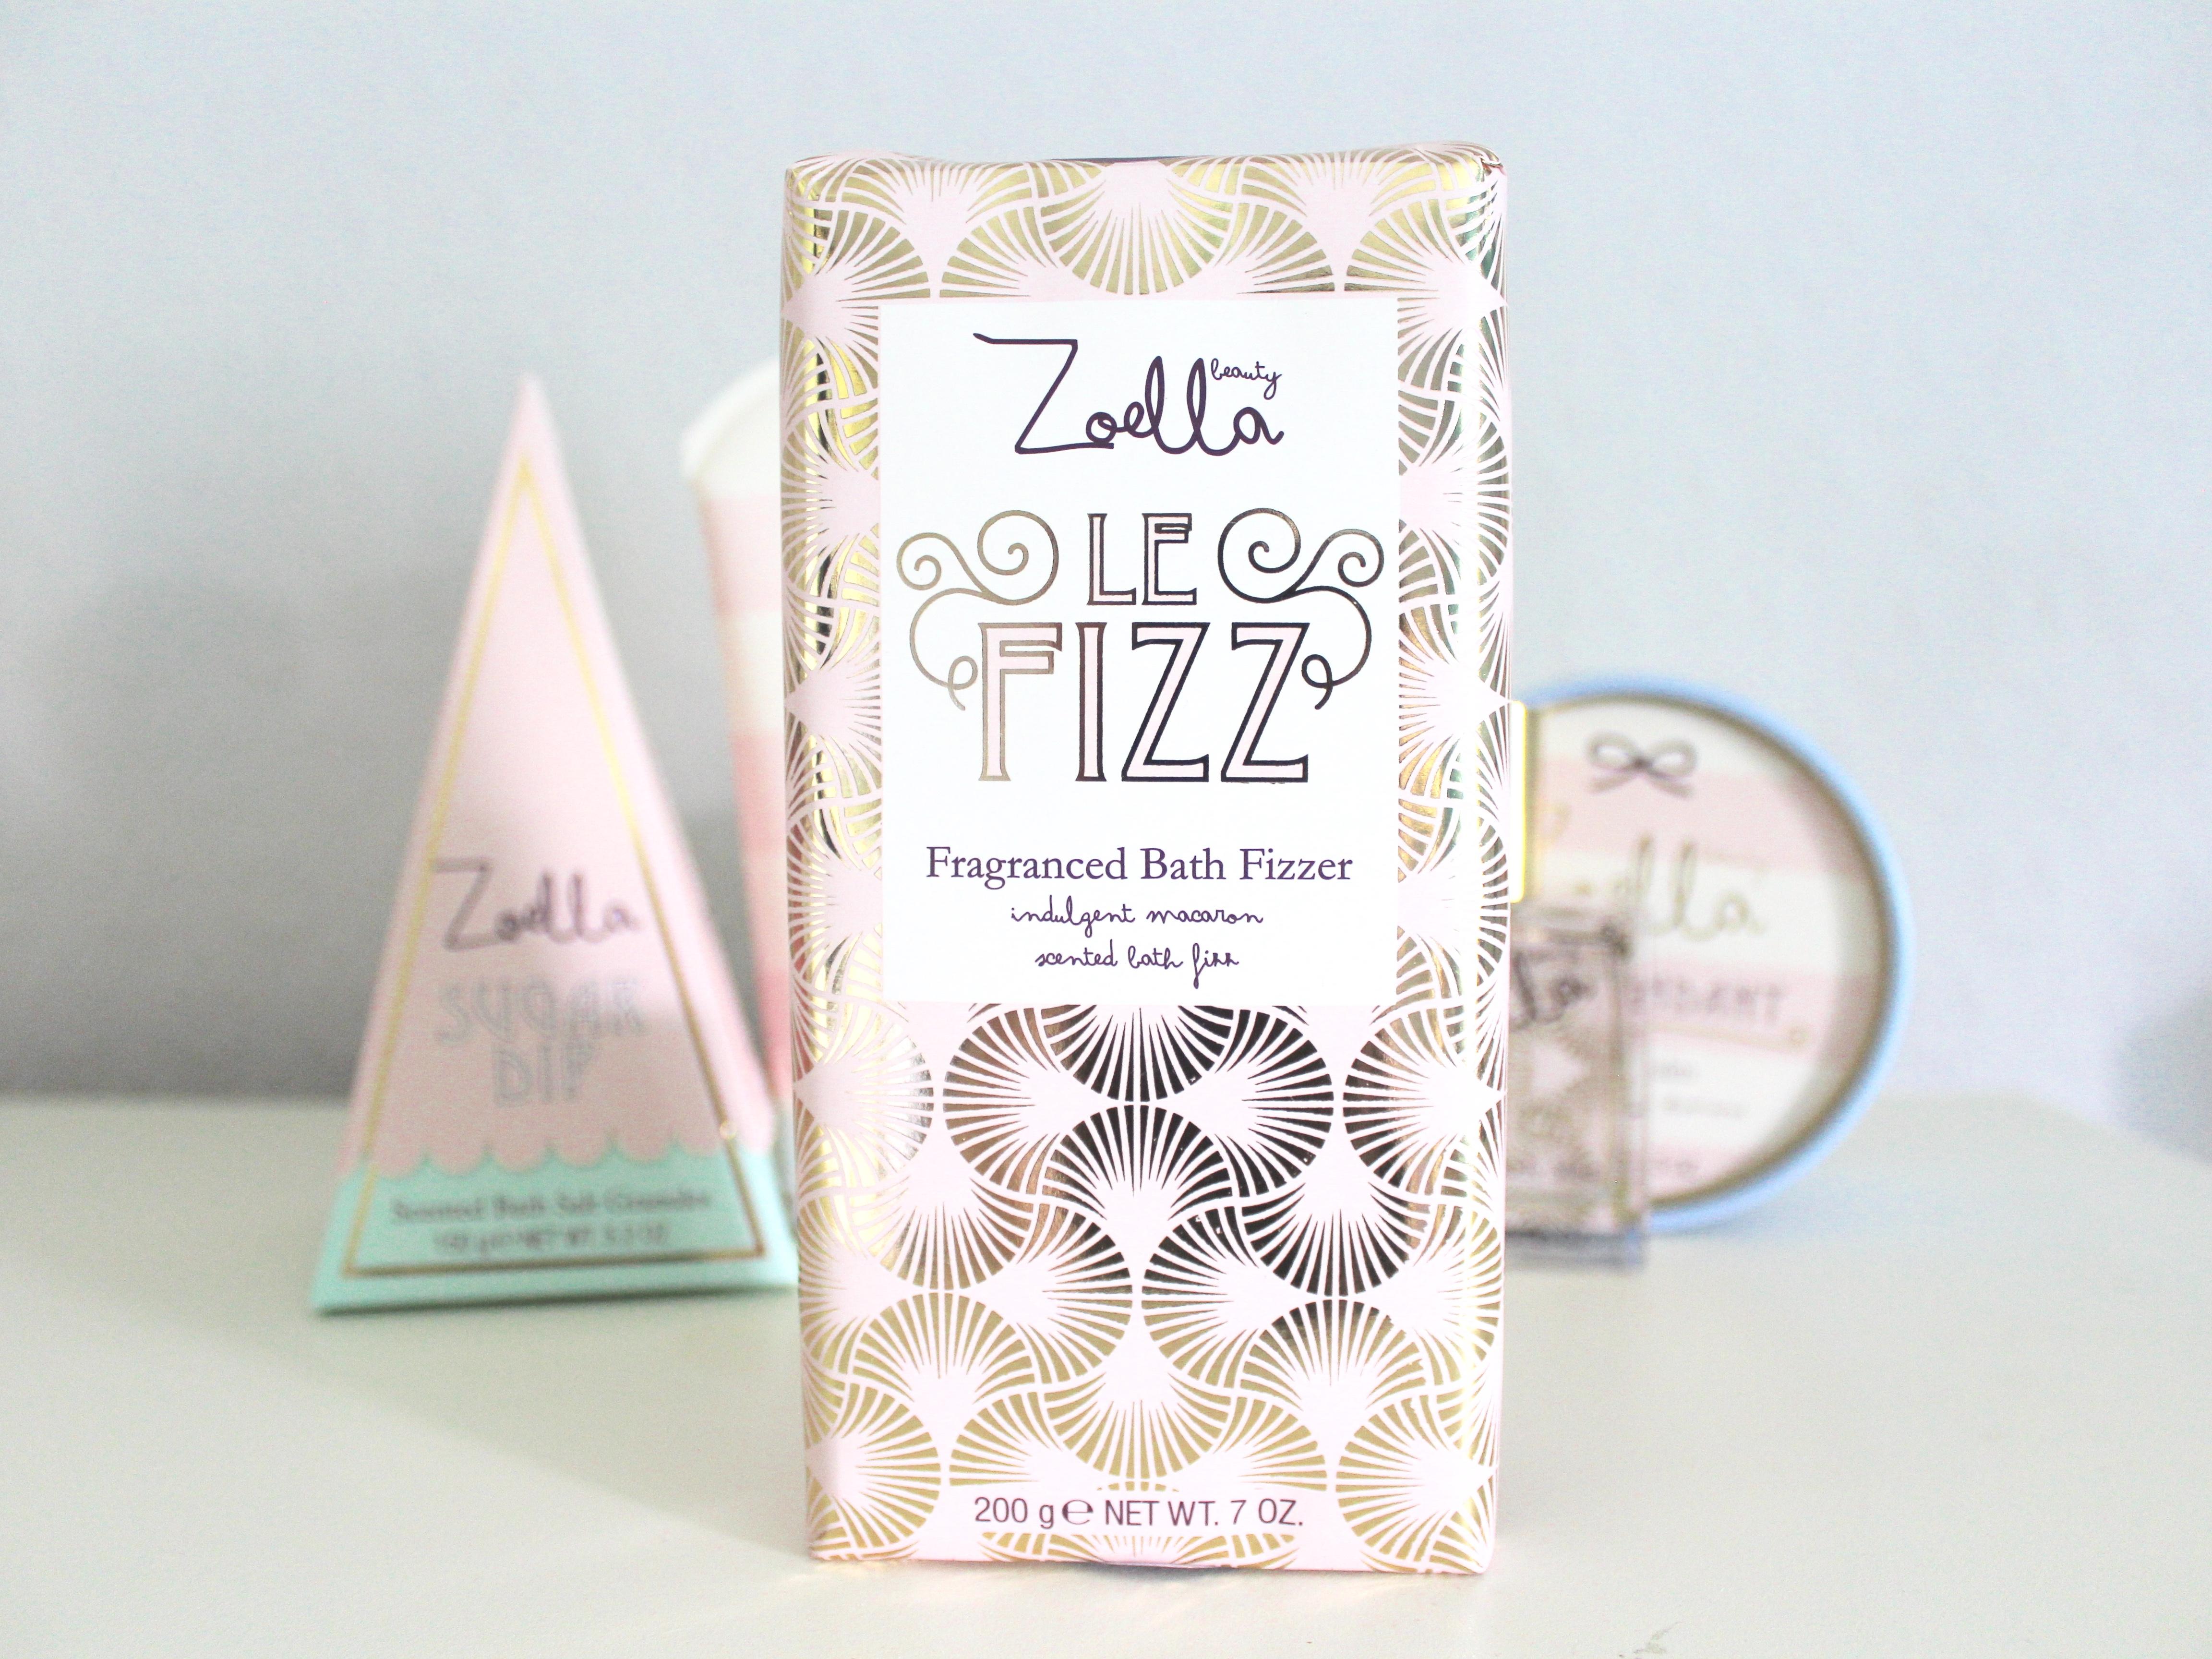 Zoella beauty bath fizz